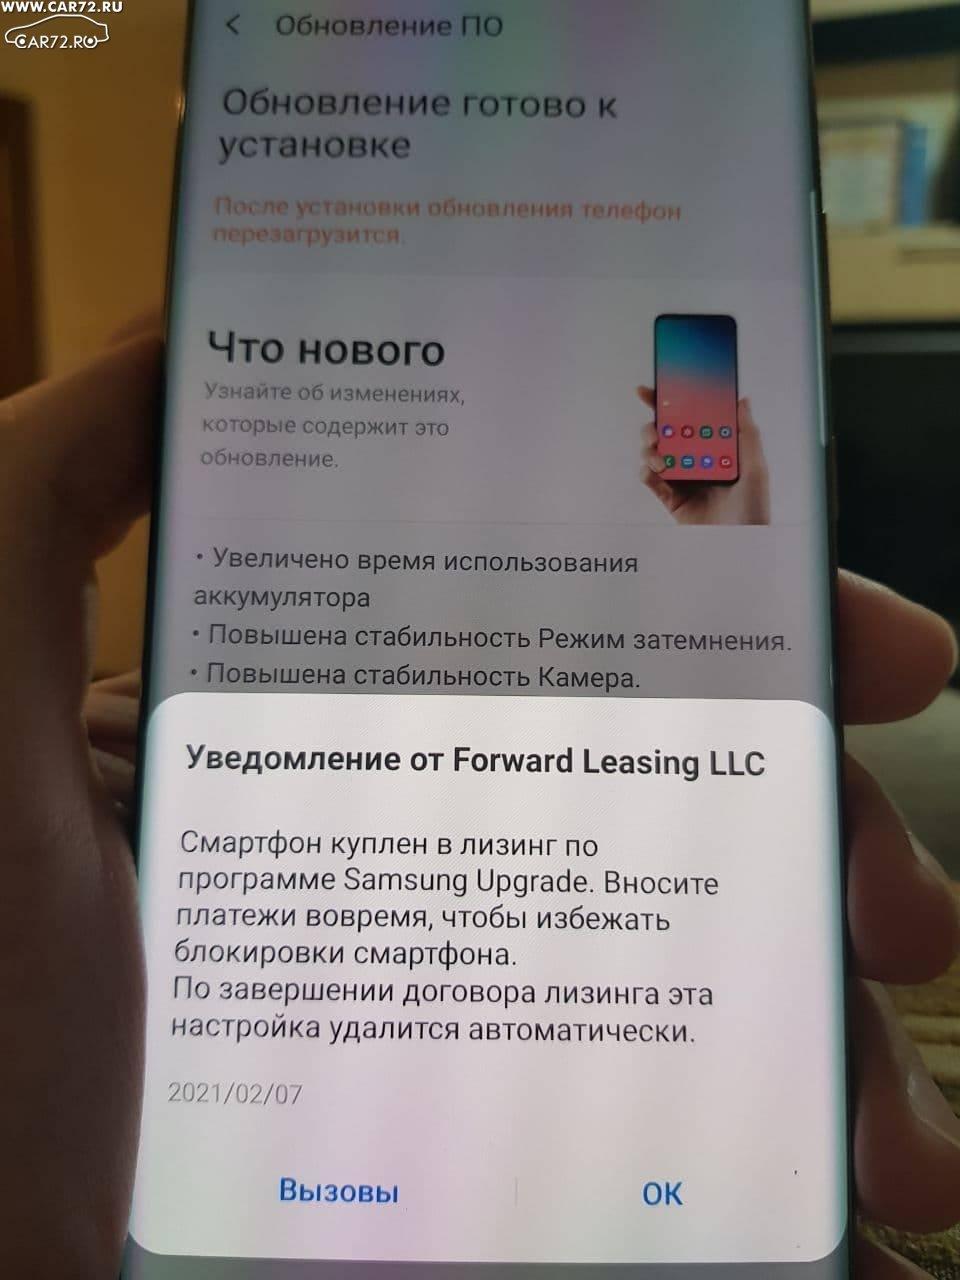 на смартфоне появляется объявление о том что он куплен в лизинг